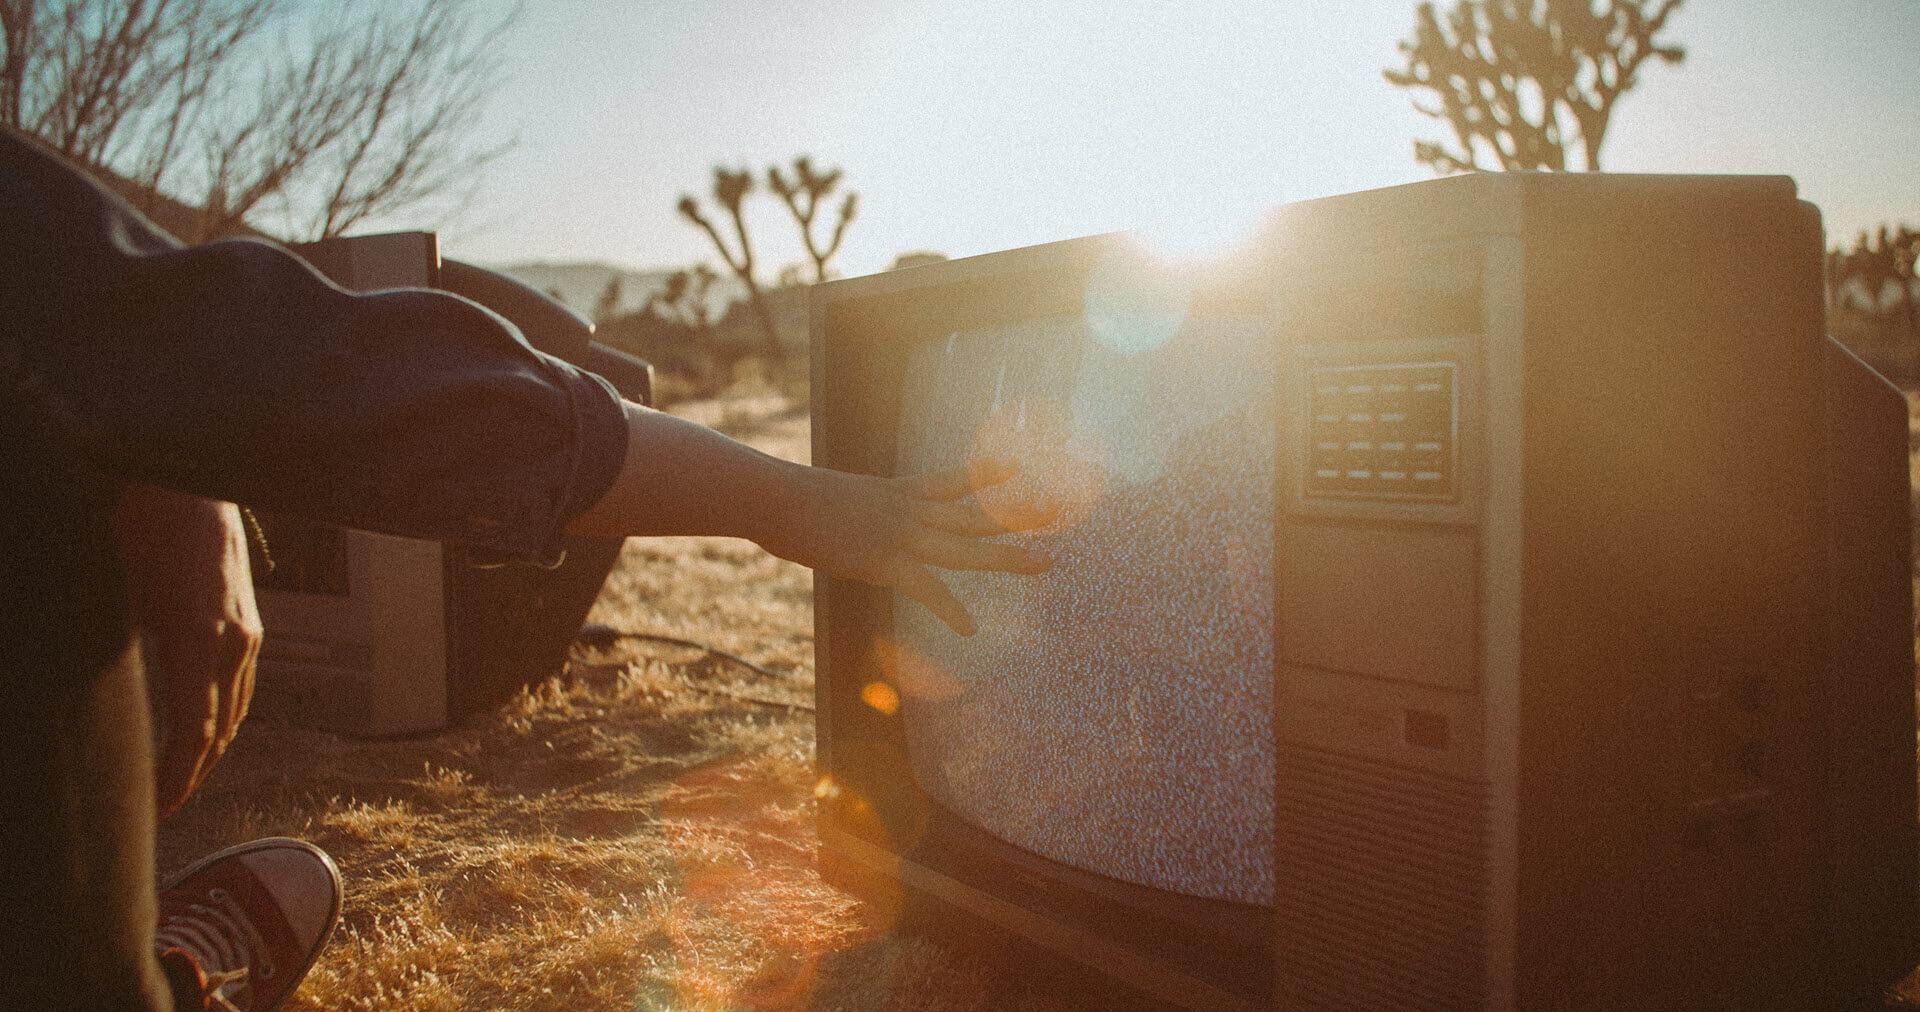 Le site de rencontre Hug Avenue se paye un spot TV osé